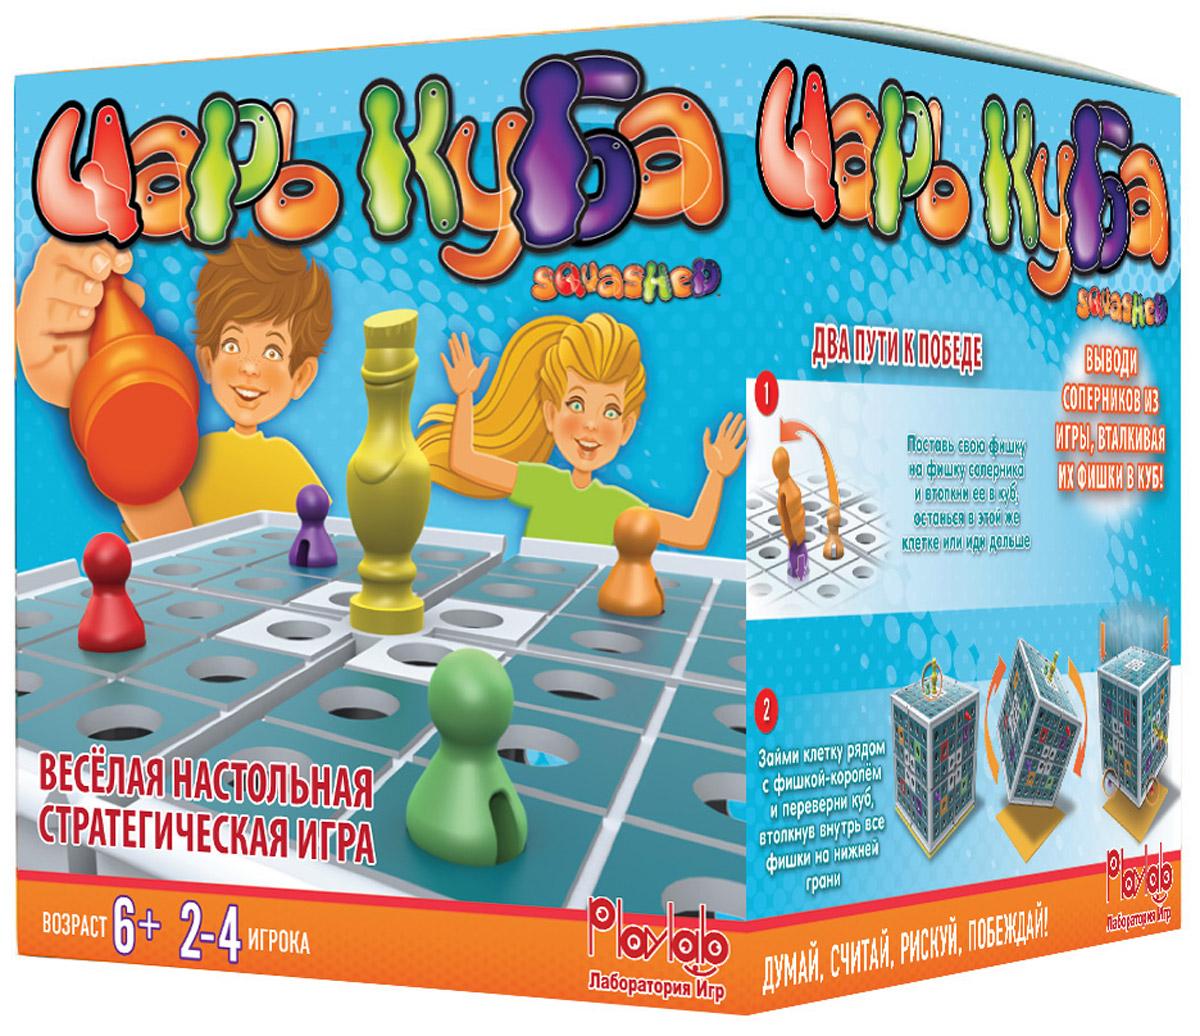 PlayLab Обучающая игра Царь КубаM-SQ-001Стратегическая игра с очень простыми правилами и захватывающей динамикой. Сражение между 2-4 игроками идет не на плоском игровом поле, а в 3D - на 5 плоскостях одновременно. Бросай кубик и последовательно убирай фишки противников с игрового поля, чтобы остаться единственным Царем Куба! Есть 2 способа избавиться от оппонентов: Пройти своей фишкой по полю, где стоит чужая фишка, вдавив ее внутрь куба. Добраться до центра верхней плоскости, где расположена Царь-фишка Король. В таком случае игрок получает право перевернуть куб на любую сторону, уничтожив/вдавив таким образом все фишки, которые располагались на стороне, которая оказалась внизу! Однако, не увлекайтесь - каждый из ваших противников тоже хочет стать Царем Куба! Цель игры - остаться последним и единственным на поле. Интересный факт: игру придумал Nick Metzler, мальчик-изобретатель из небольшого американского города Orland Park, IL. Первоначально он назвал ее The Cube, но позже игра была...